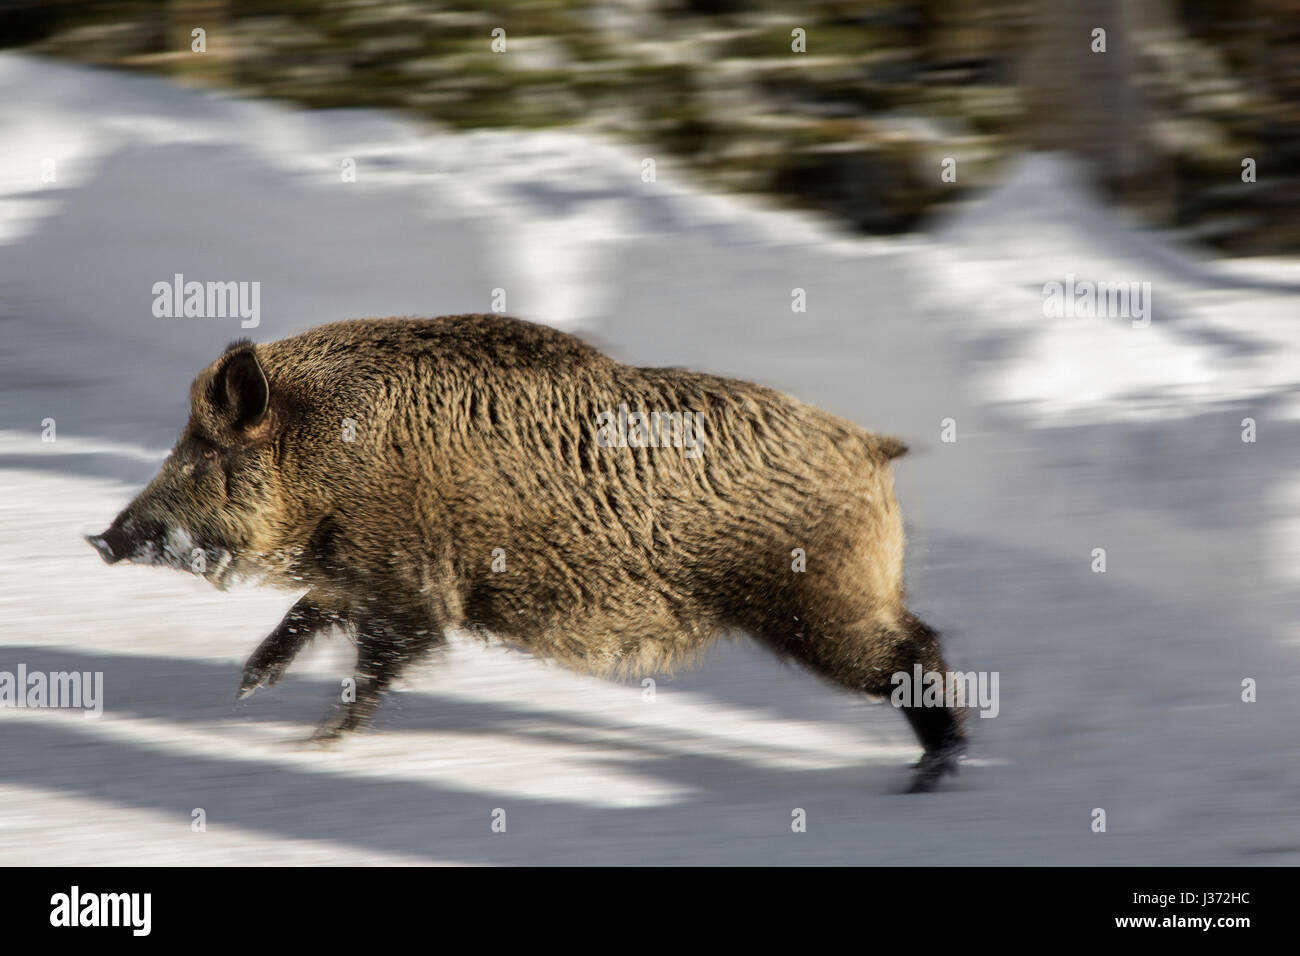 wild-boar-sus-scrofa-crossing-forest-roa